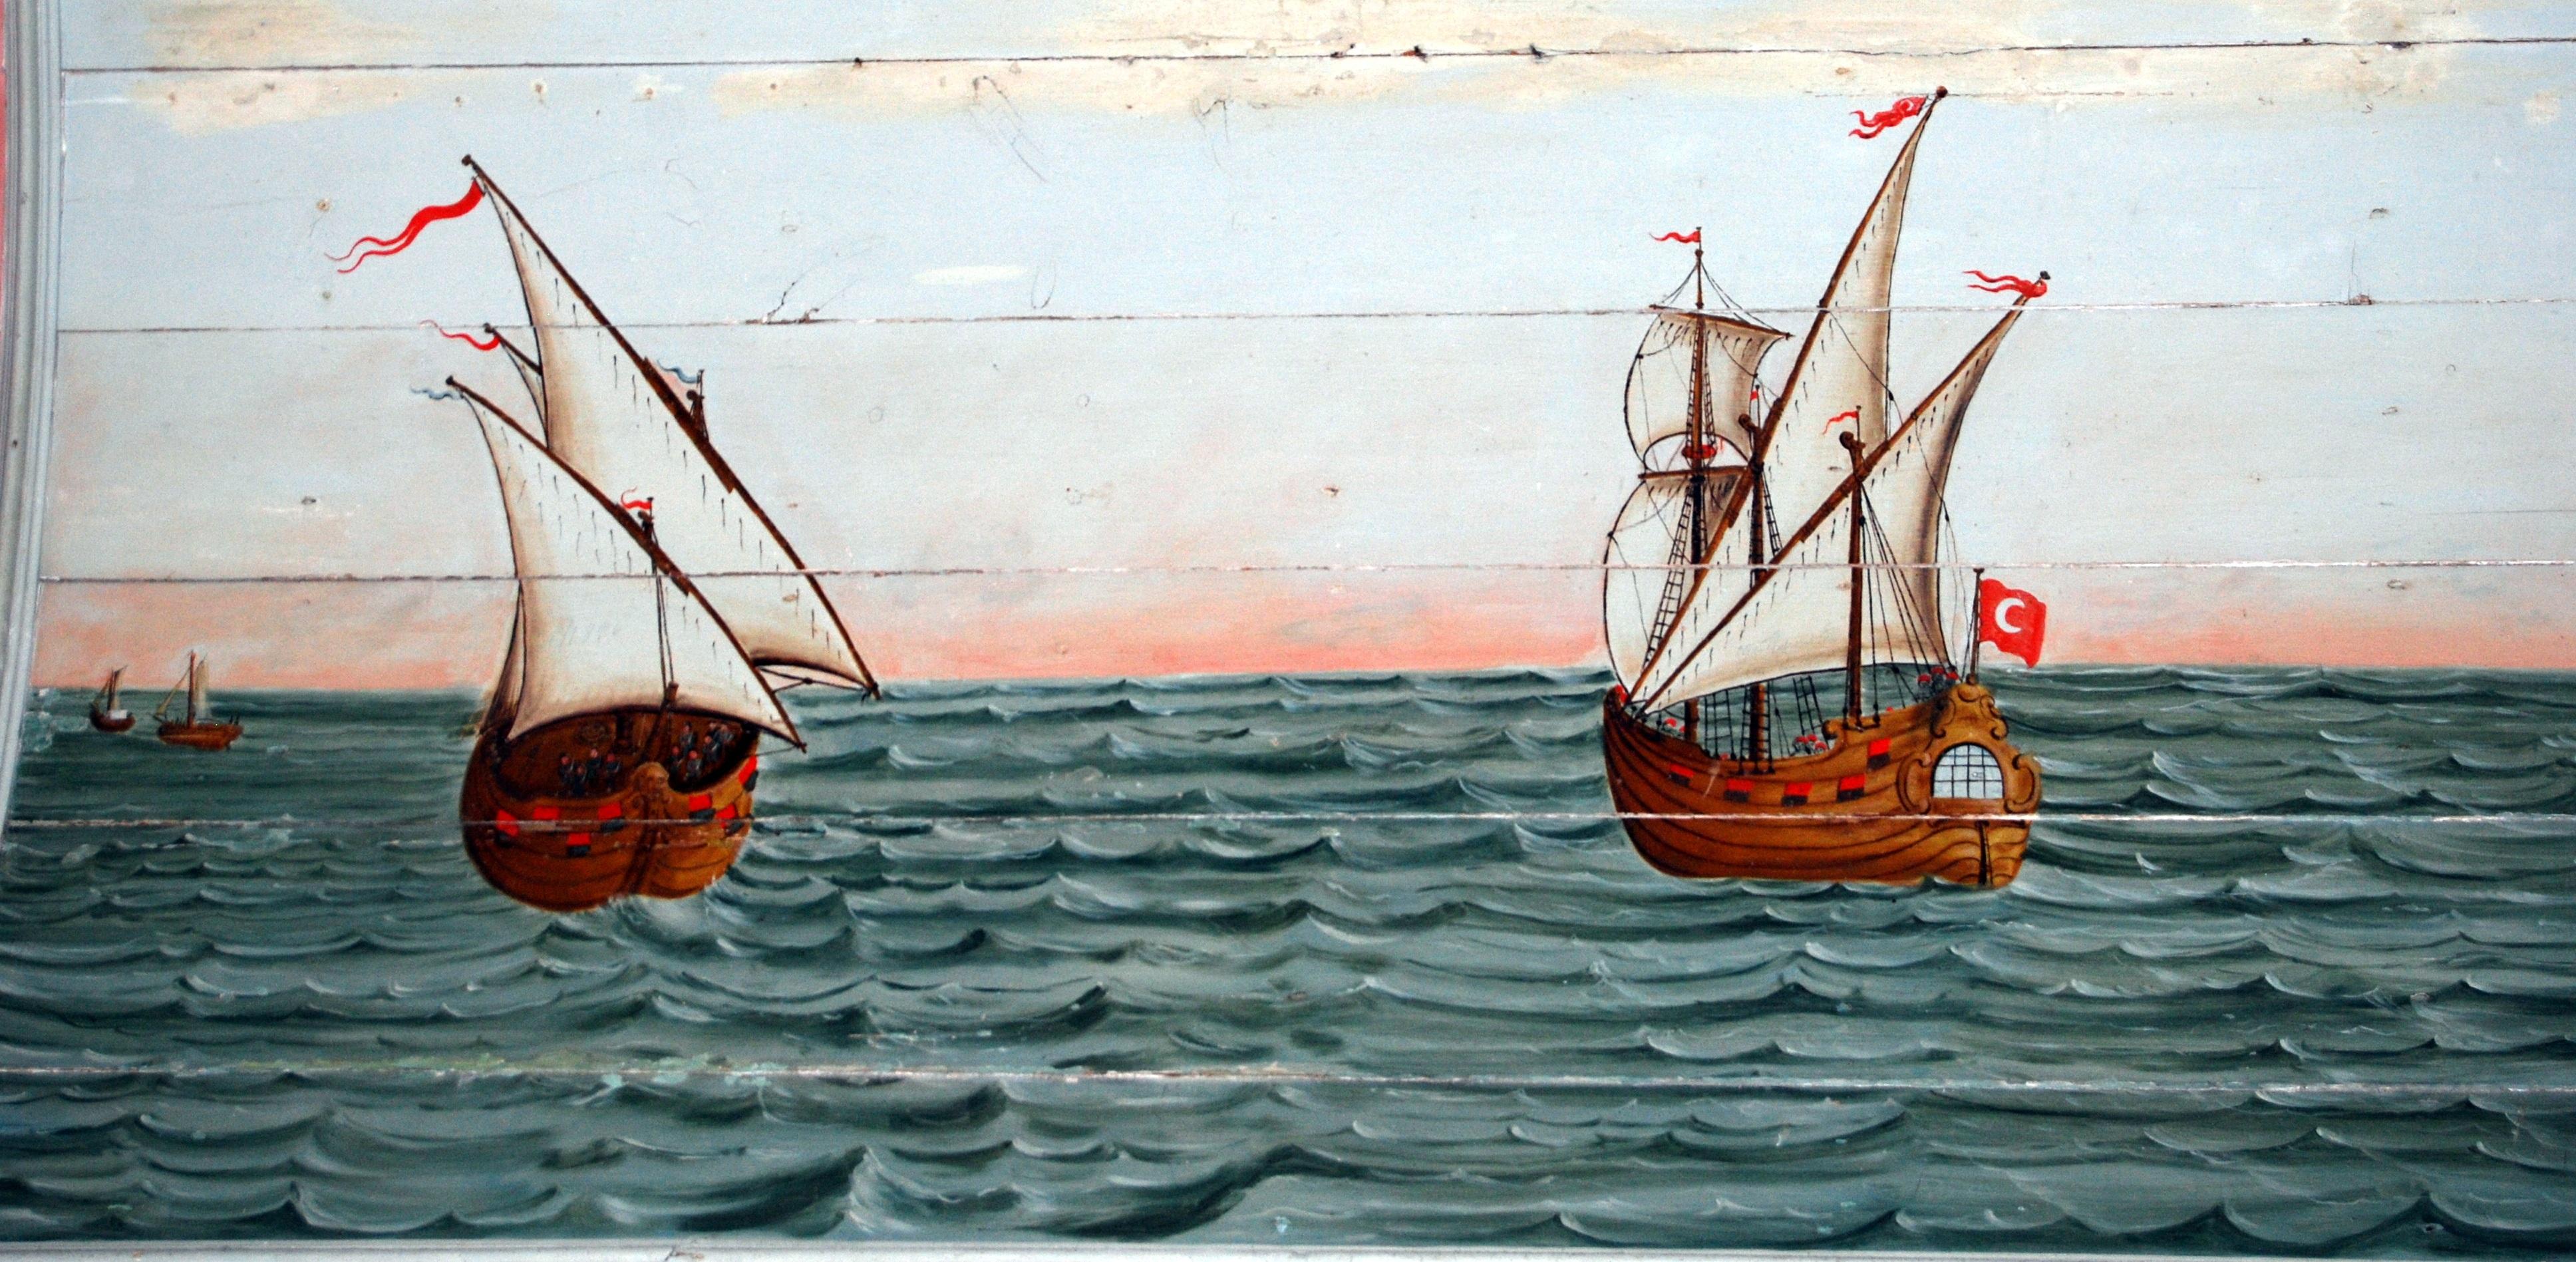 Fotoğraf Deniz Ahşap Tekne Yansıma Kırmızı Araç Direk Renk